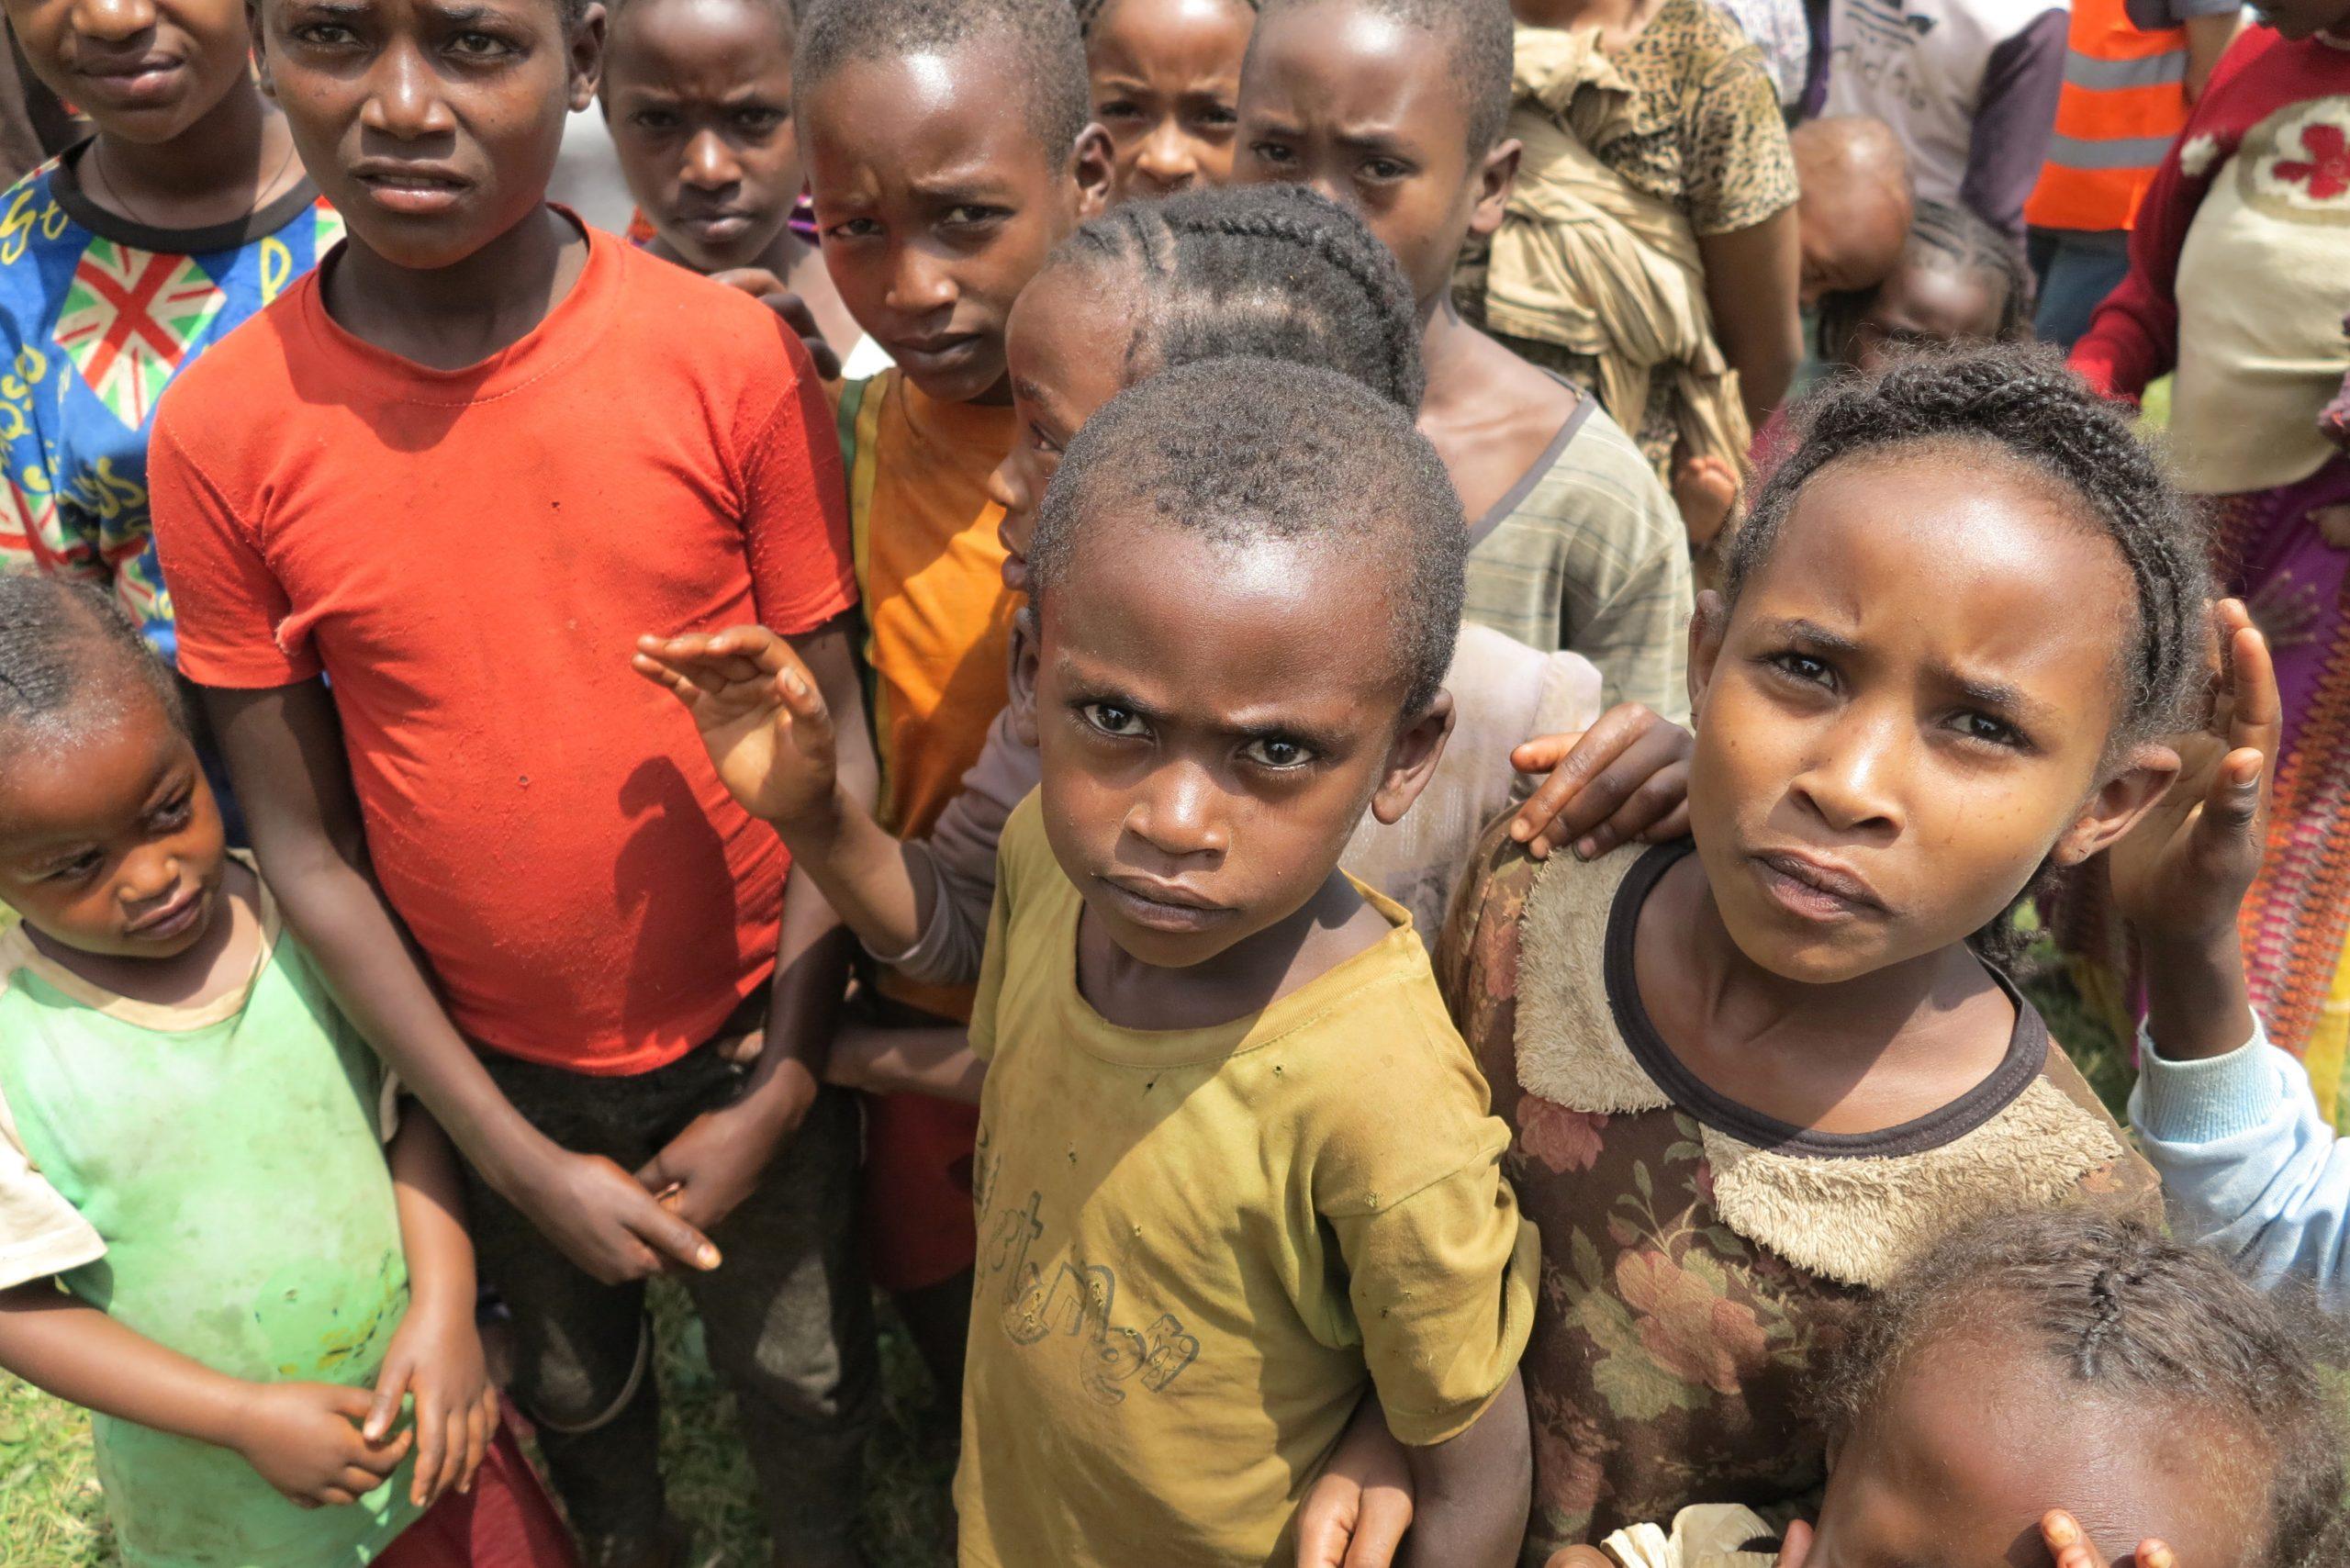 Kinder in Äthiopien bei einer Verteilung von ShelterBox Hilfsgütern